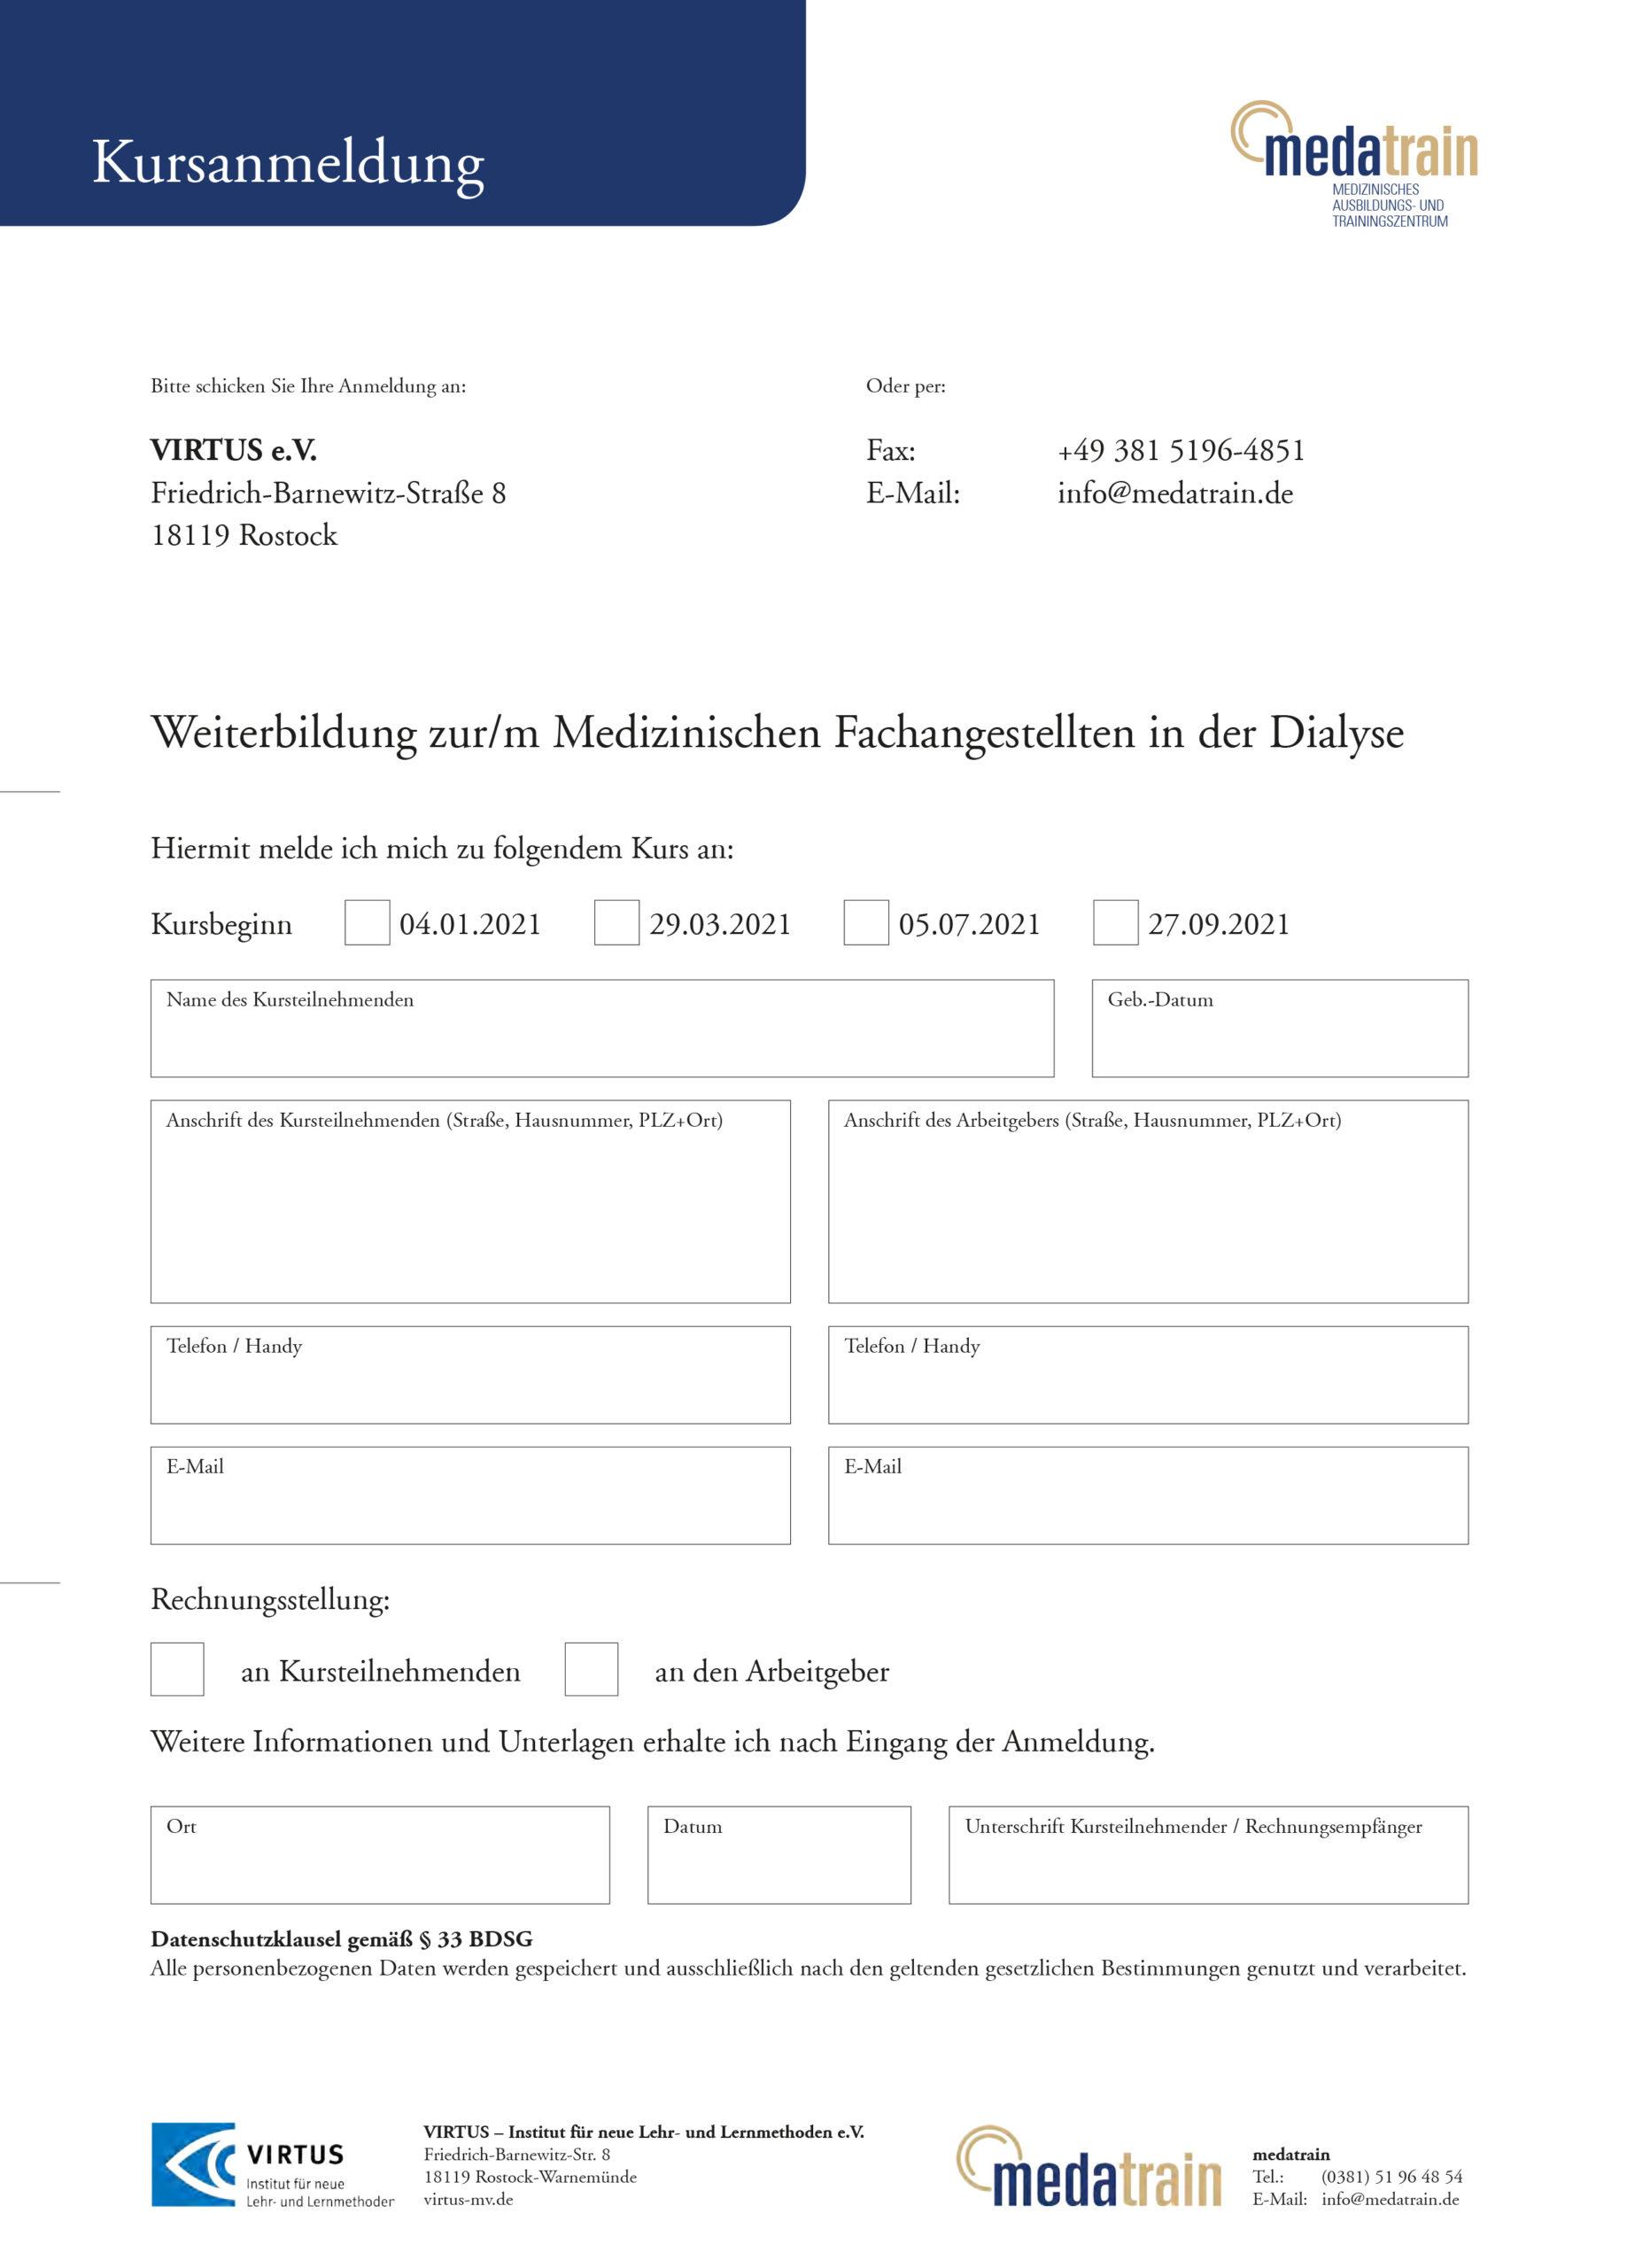 Anmeldeformular zur MFA Dialyse